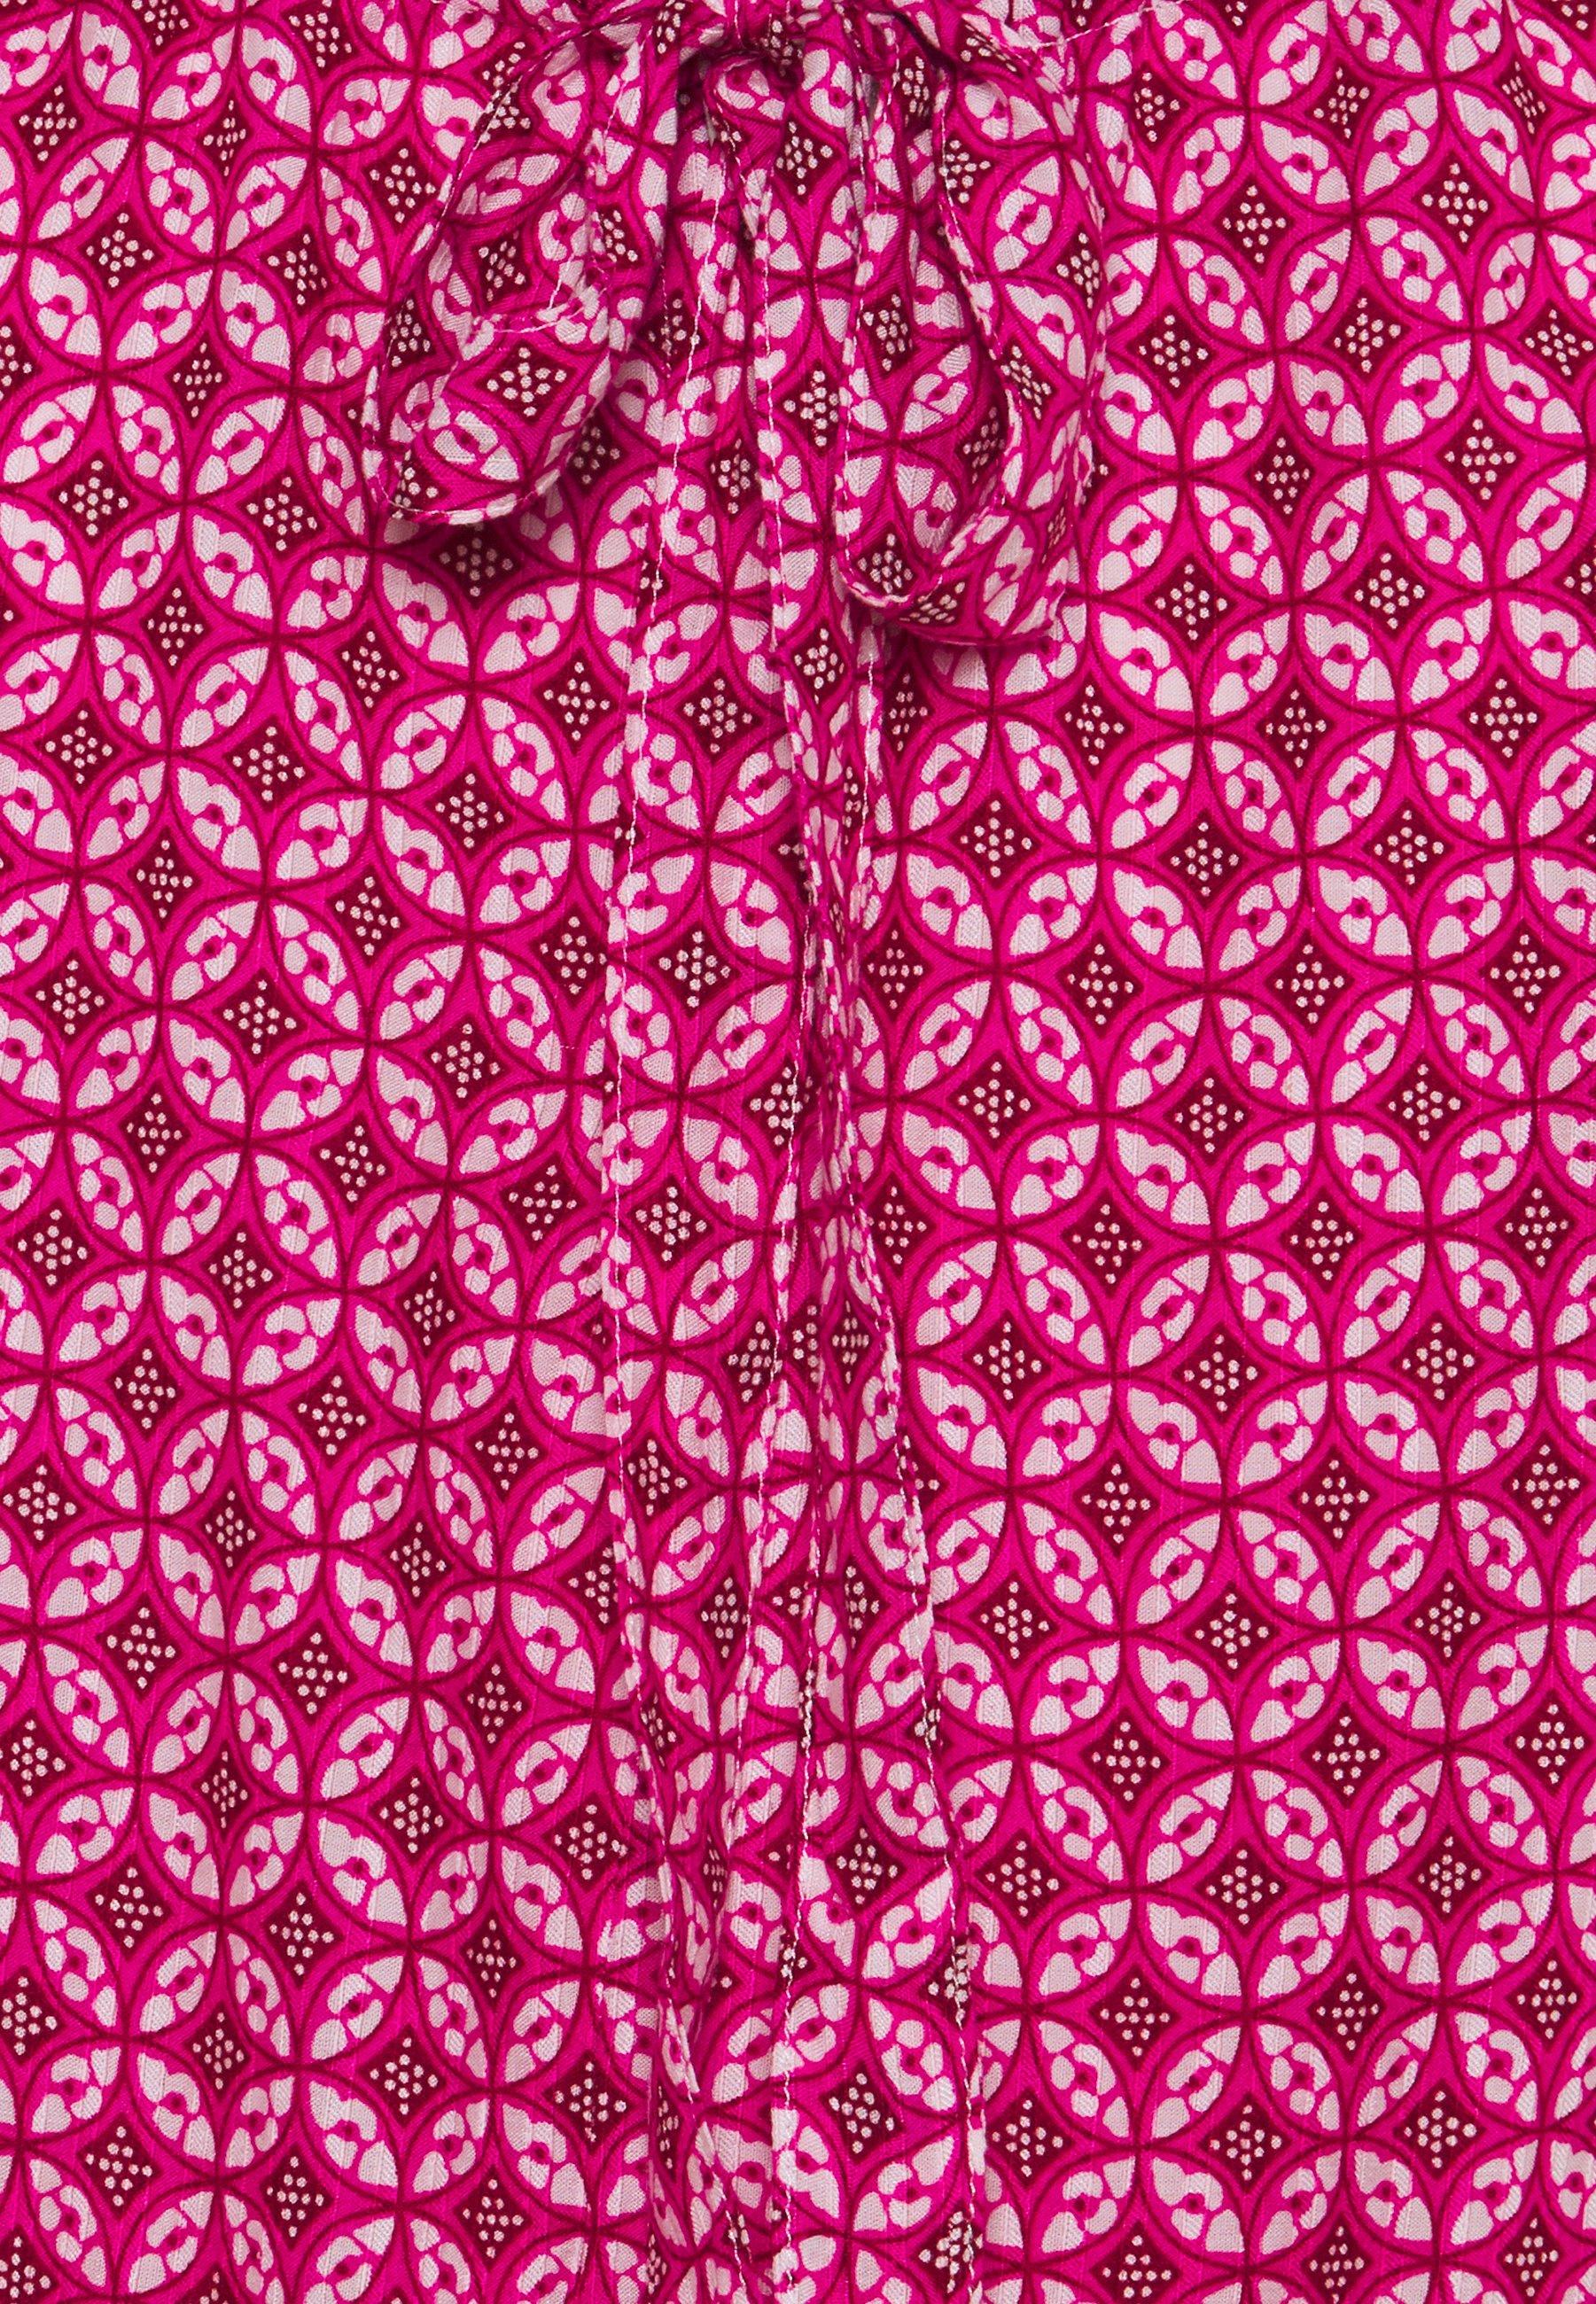 Gap Tie Back - Bluser Pink Print